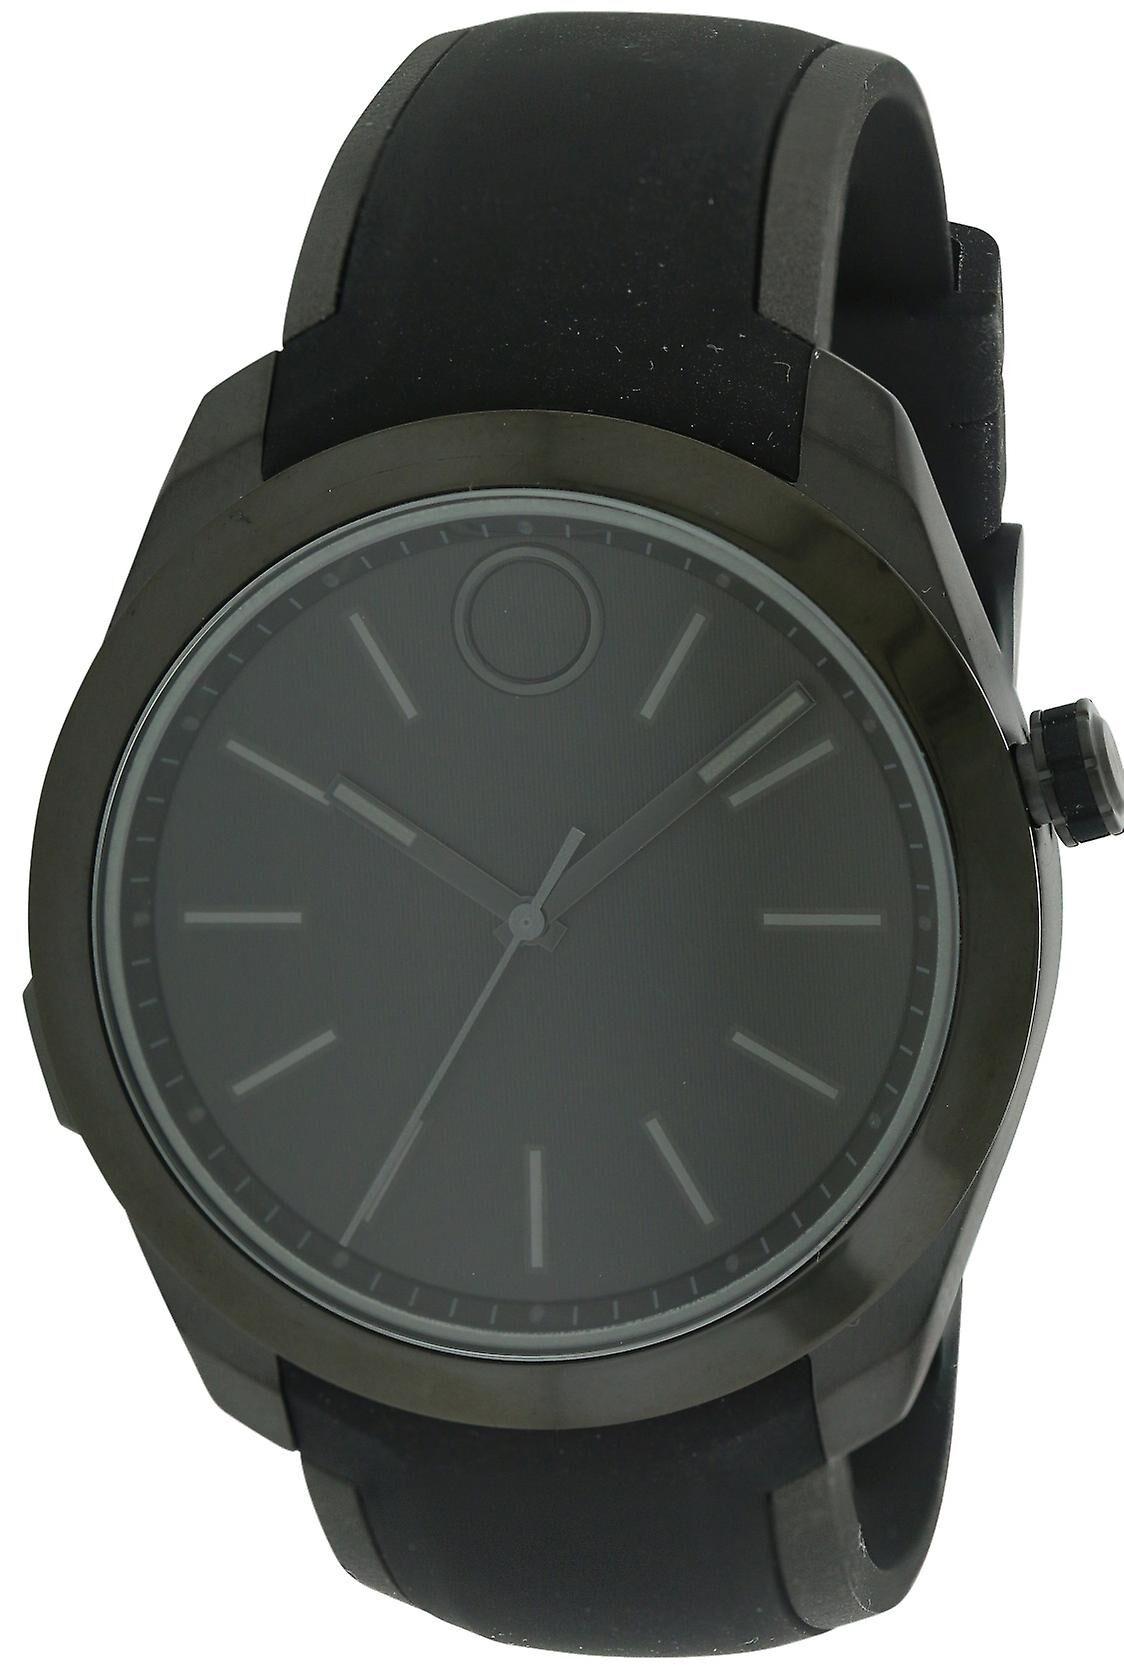 Movado Bold noir inox Smartwatch Mens Watch 3660002